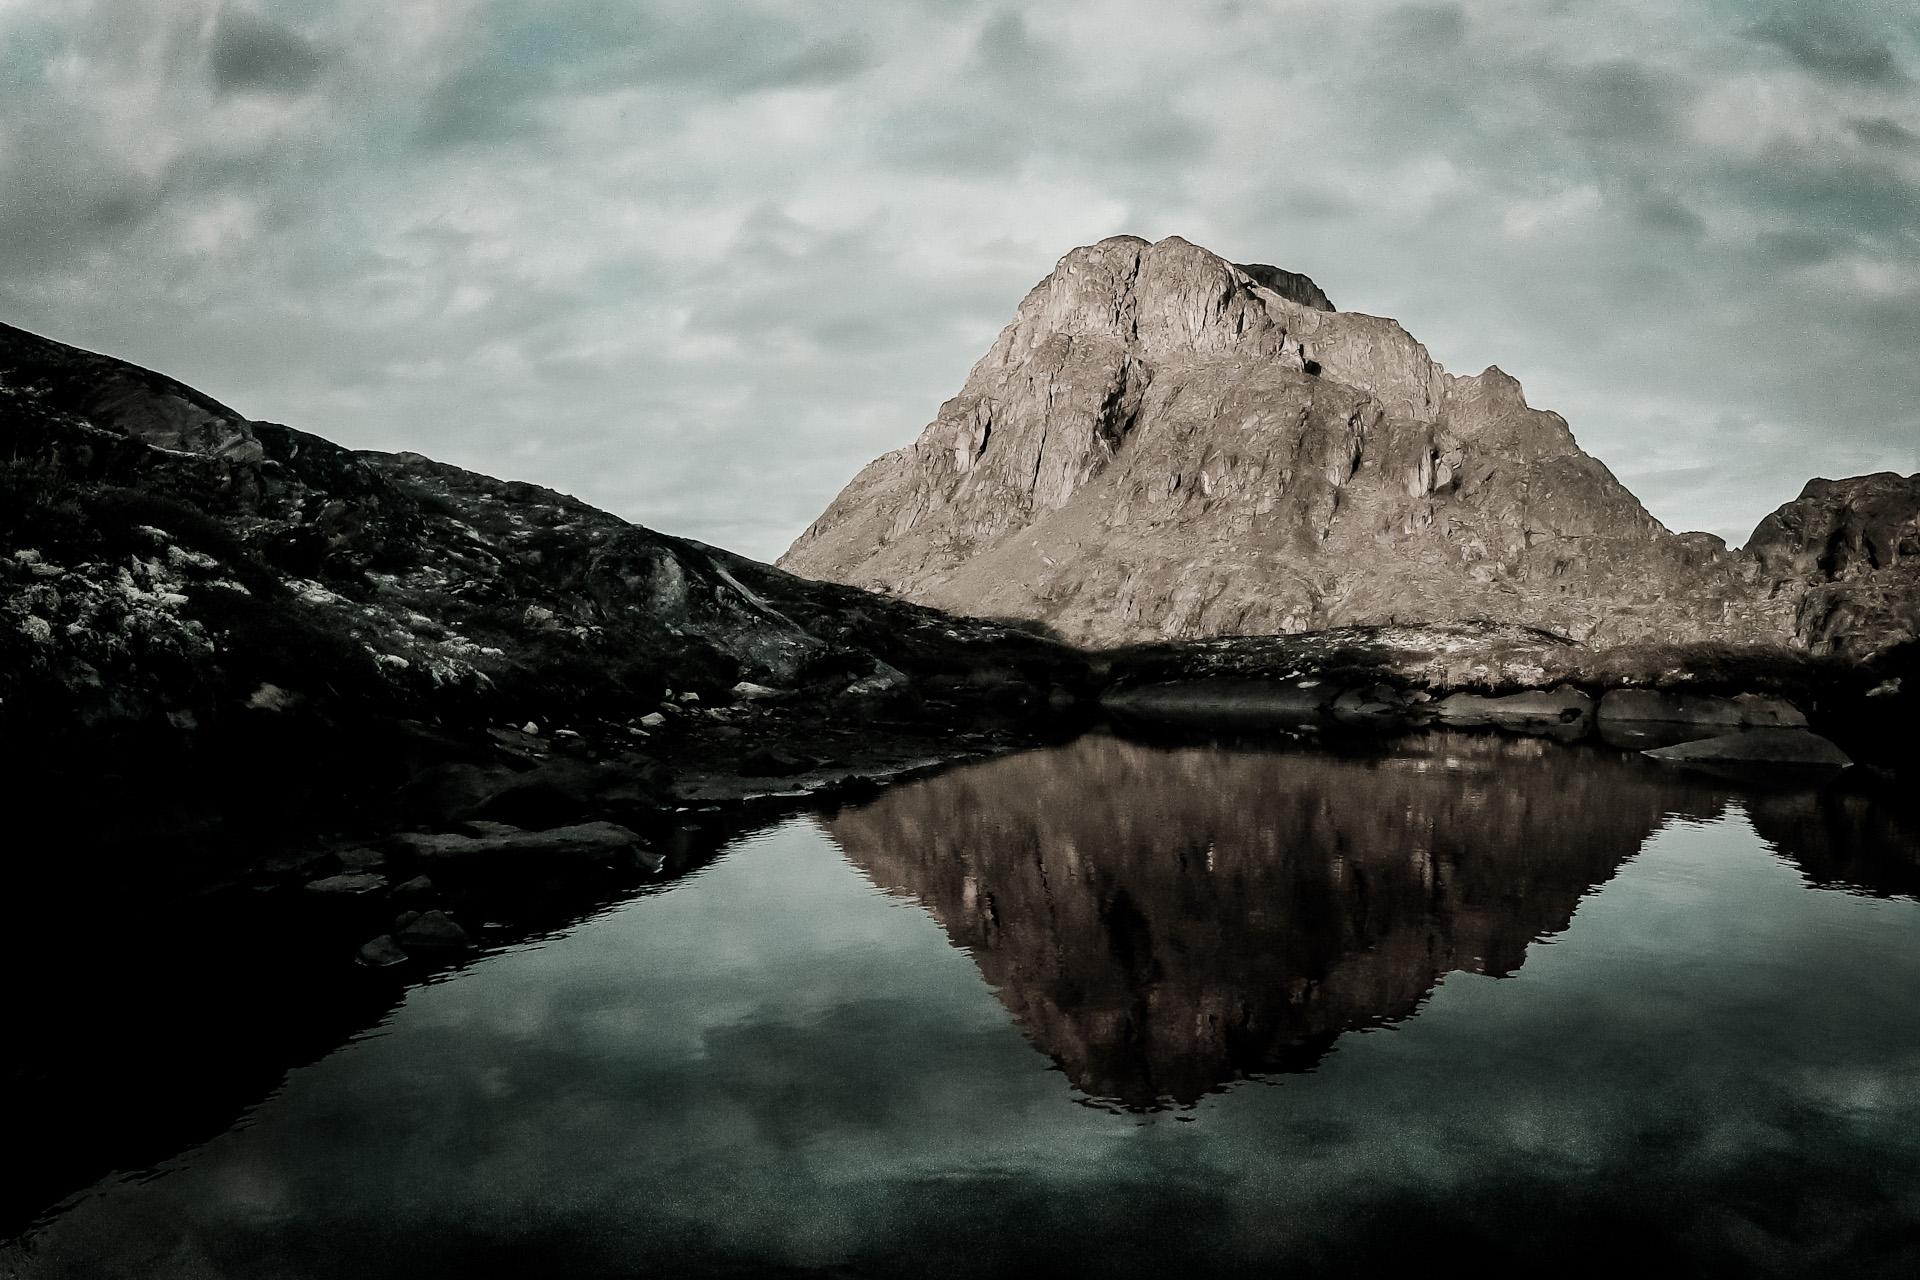 """2 4. srpna 2012, hora Nasaasaaq u města Sisimiut, Grónsko      Byl to náš první den na největším ostrově světa. Od rána bylo pod mrakem a už to vypadalo, že od ohně vstávat rozhodně nebudu. Z ničeho nic se však slunko přece jen prodralo skrz oblaka. Rychle jsem nastavil GoPro na časosběr a věnoval se mezitím fotografování. Ačkoliv z časosběru jako celku nakonec nebylo nic, jeden snímek za """"vyvolání"""" myslím stál. ISO 118, 1/100 s"""